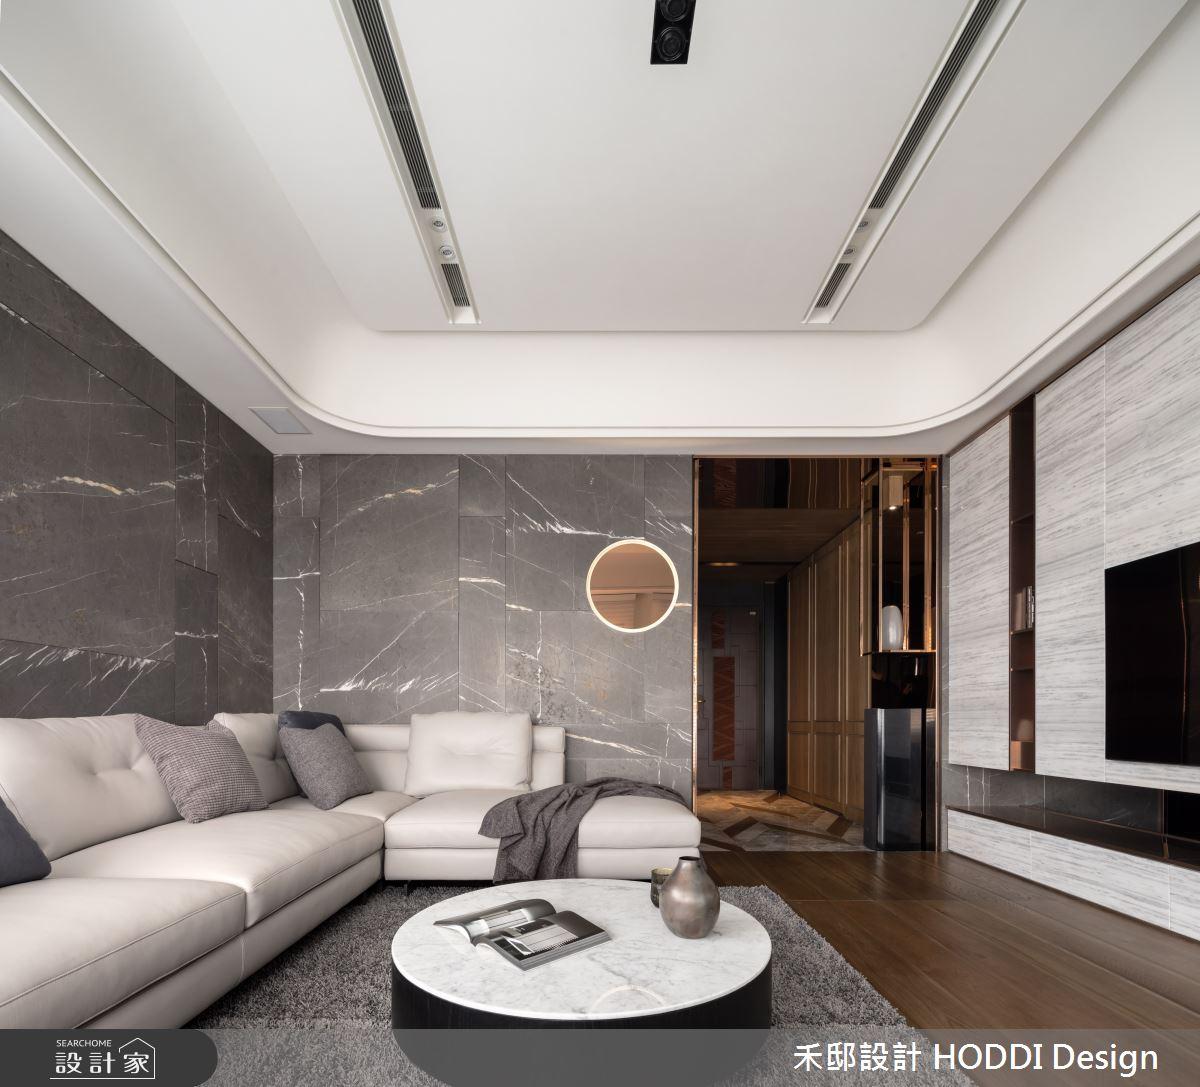 40坪新成屋(5年以下)_新中式風客廳案例圖片_禾邸設計 HODDI Design_禾邸_08之2